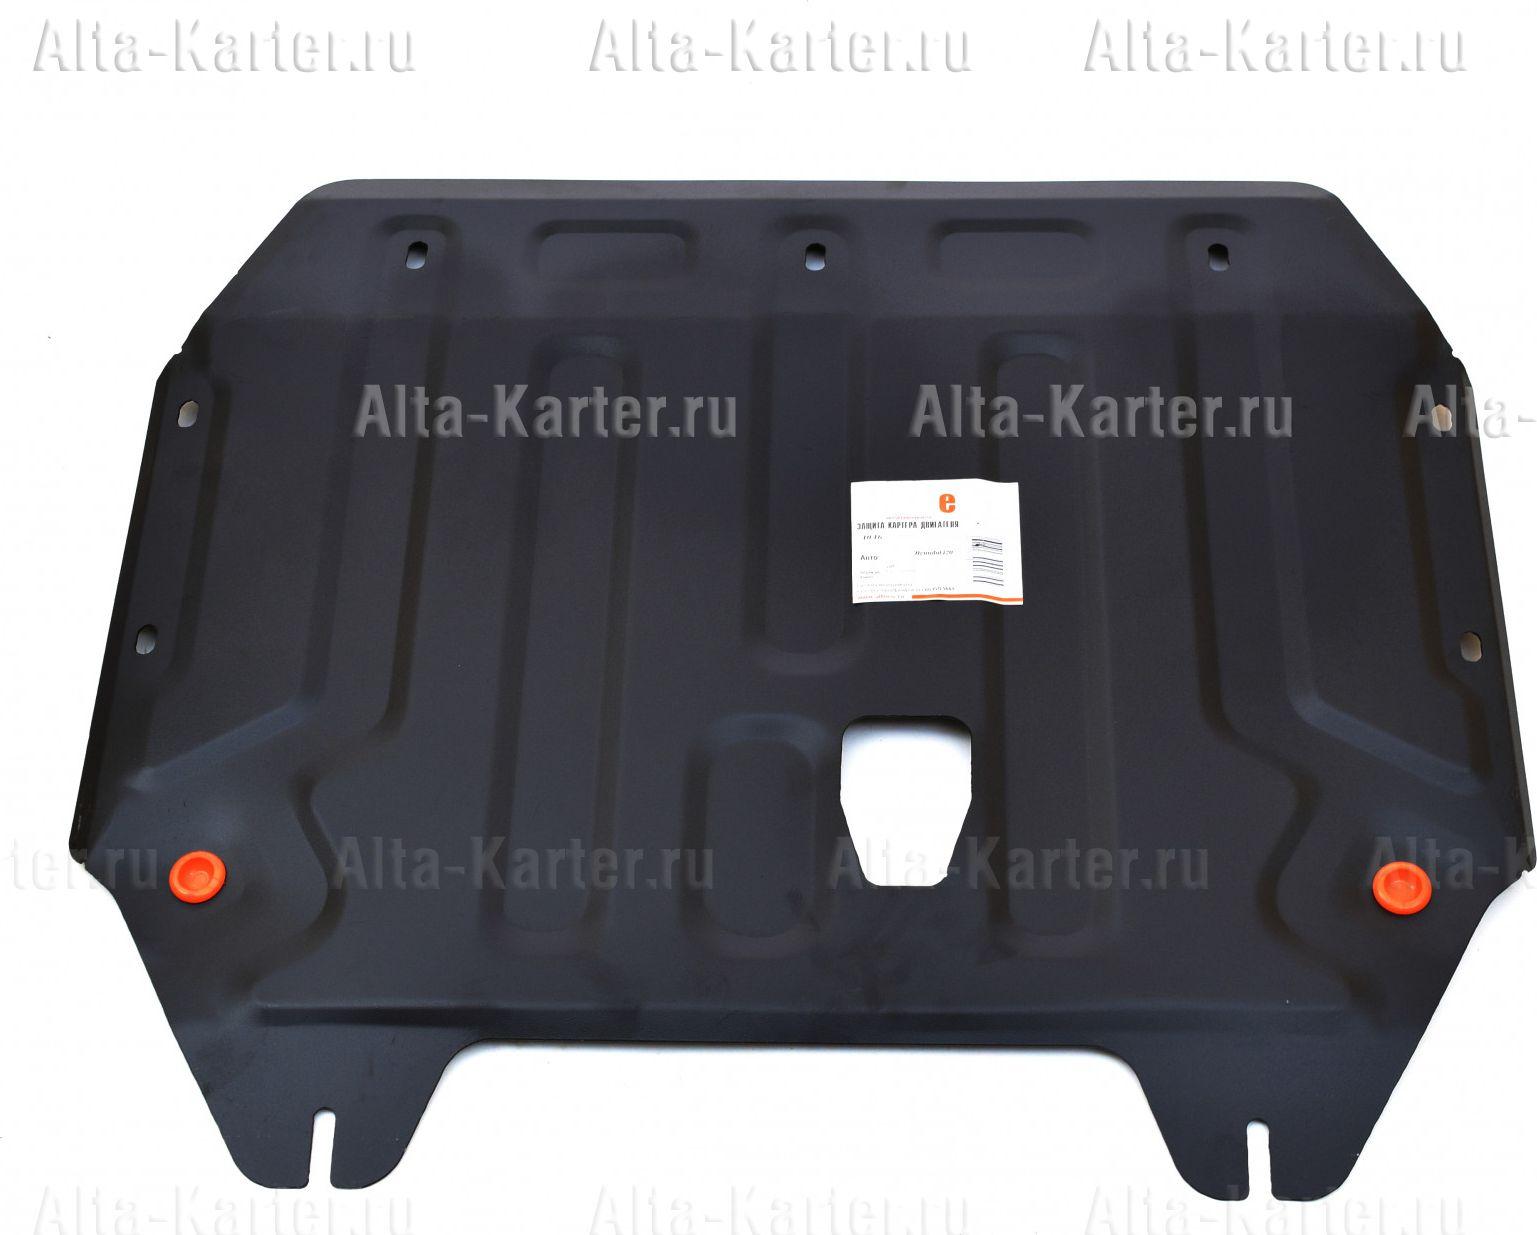 Защита Alfeco для картера и КПП Hyundai i20 I 2008-2014. Артикул ALF.10.16